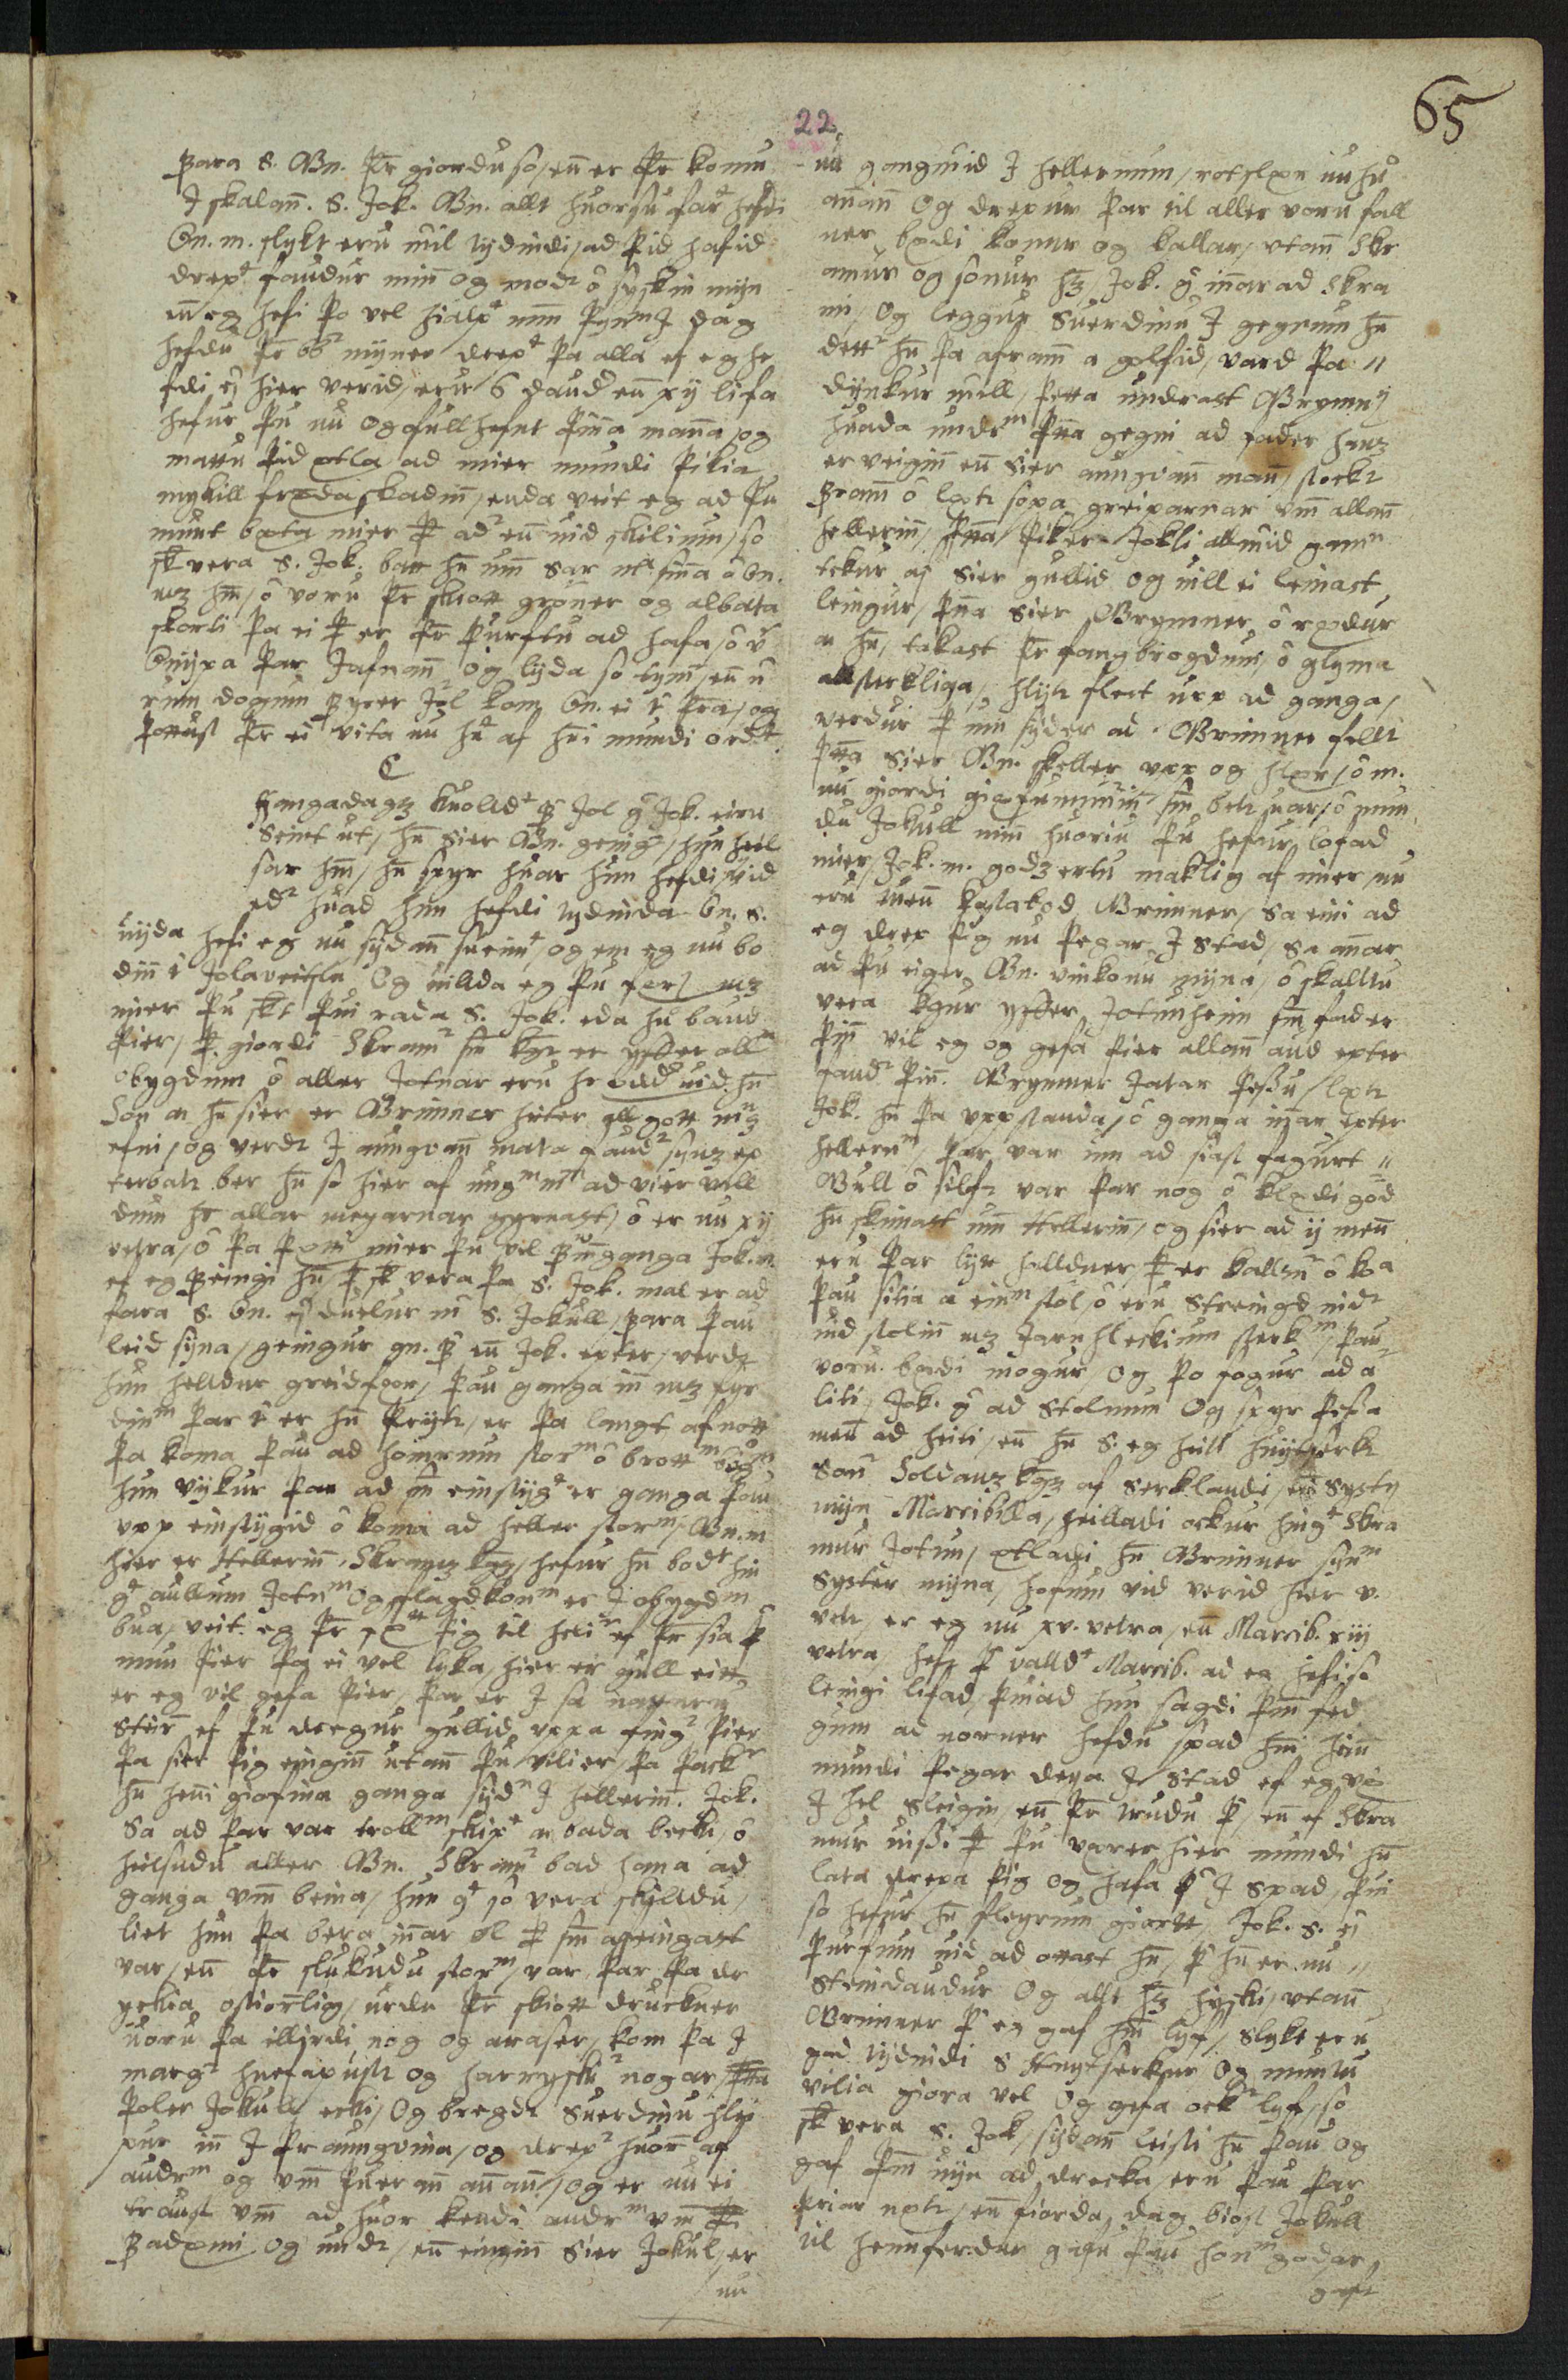 AM 158 fol - 22r